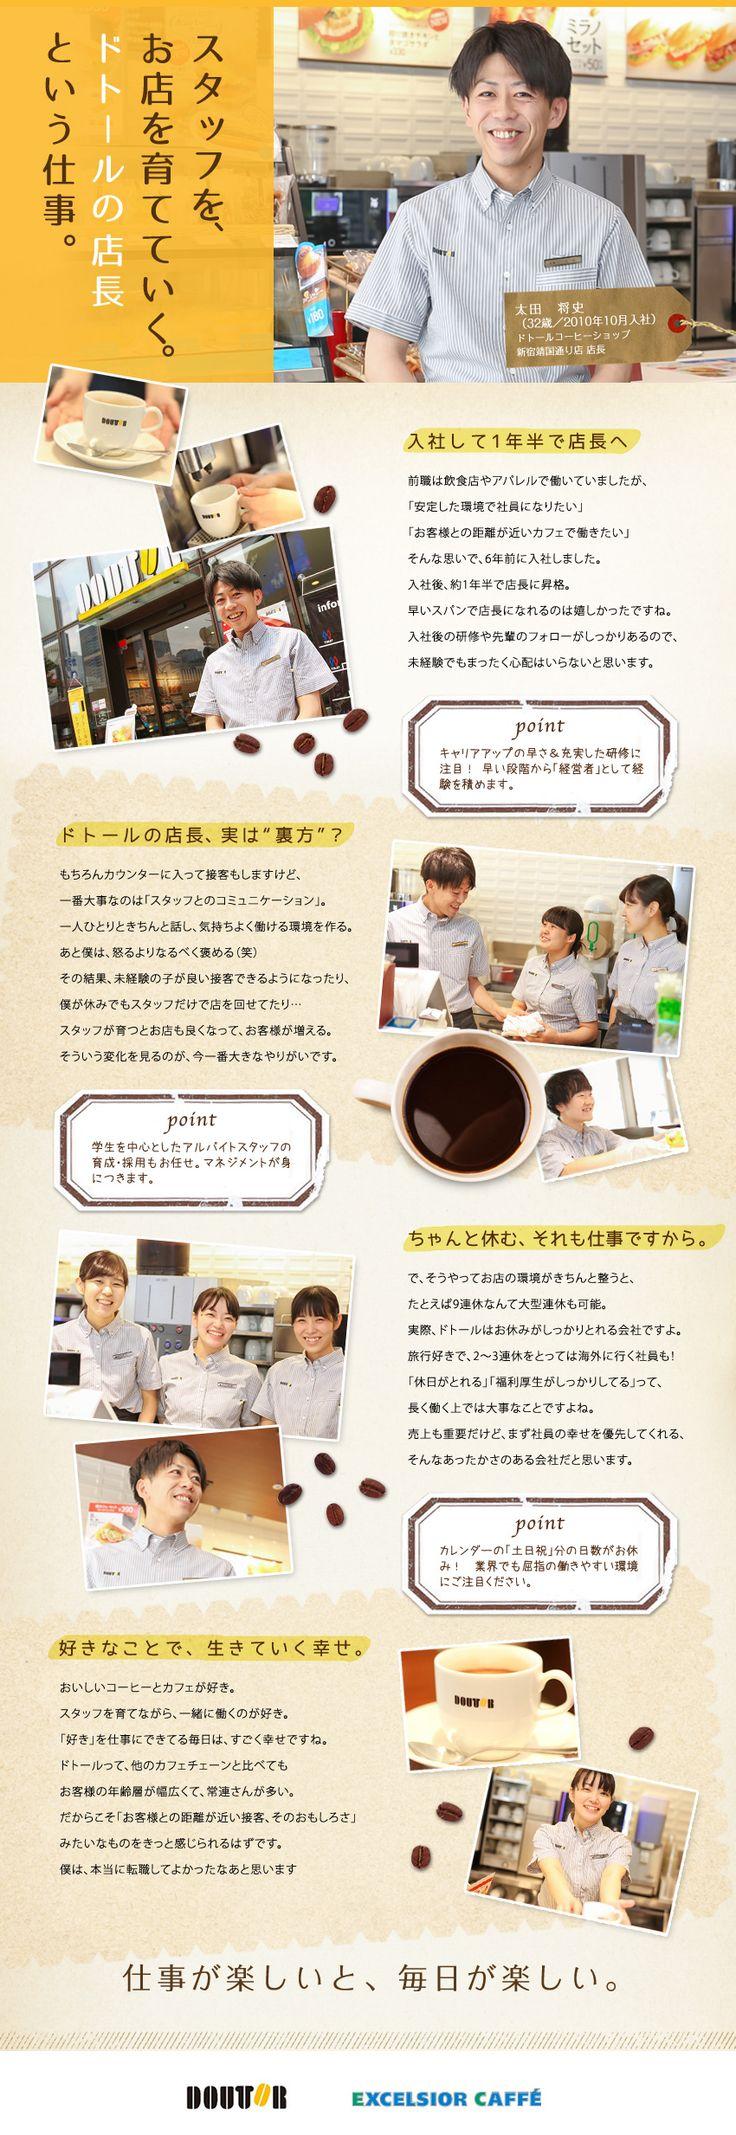 株式会社ドトールコーヒー/カフェの店長候補(多彩なキャリアを持つ20代が活躍中/年間休日120日)の求人PR - 転職ならDODA(デューダ)